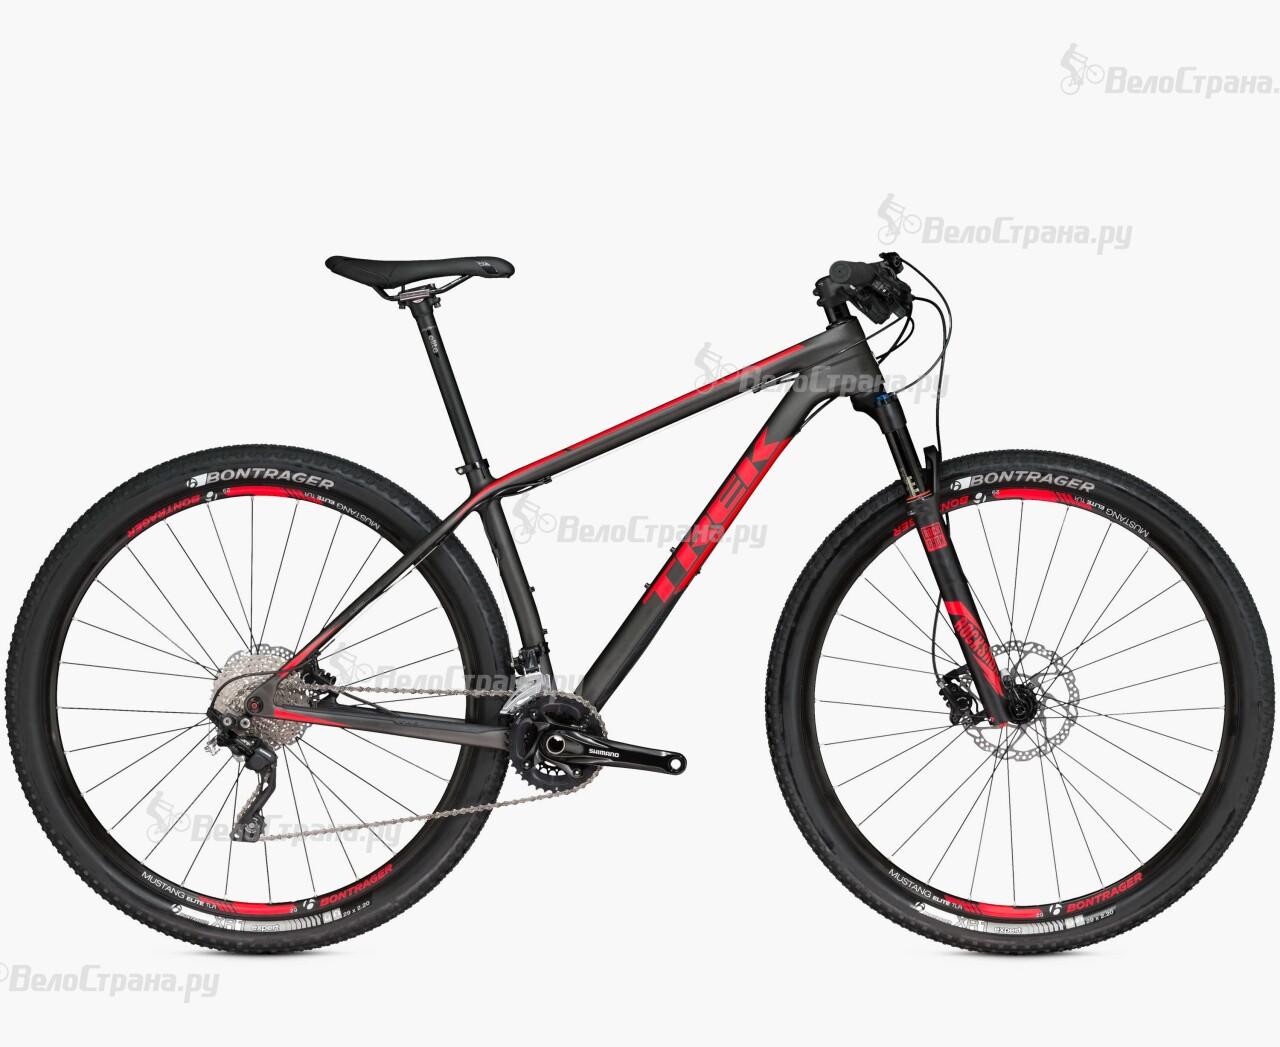 Велосипед Trek Superfly 9.6 29 (2016)